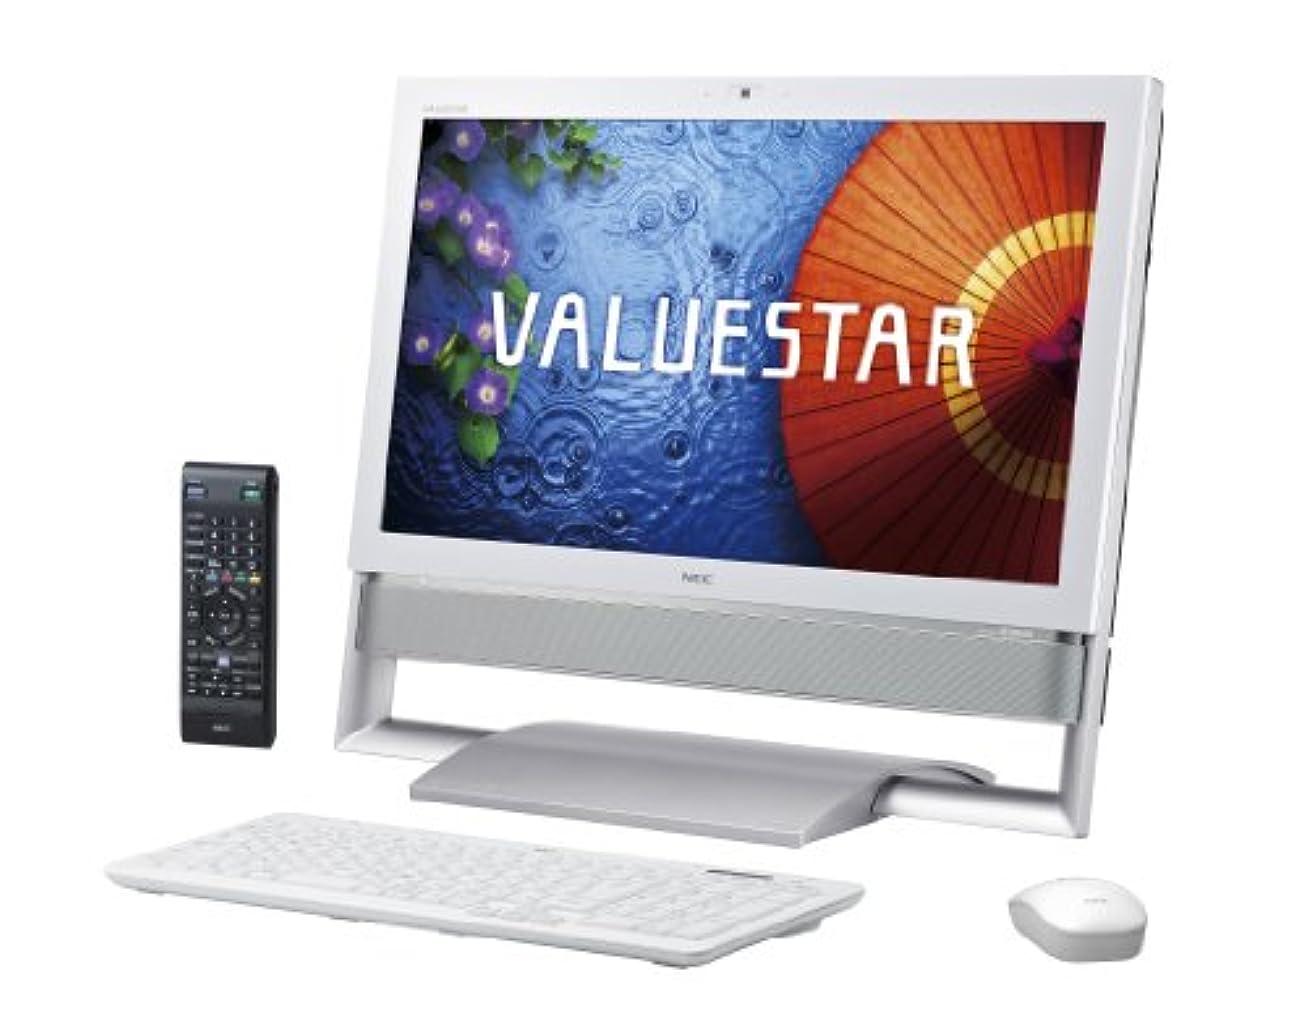 パーティーボタン有望NEC PC-VN770SSW VALUESTAR N